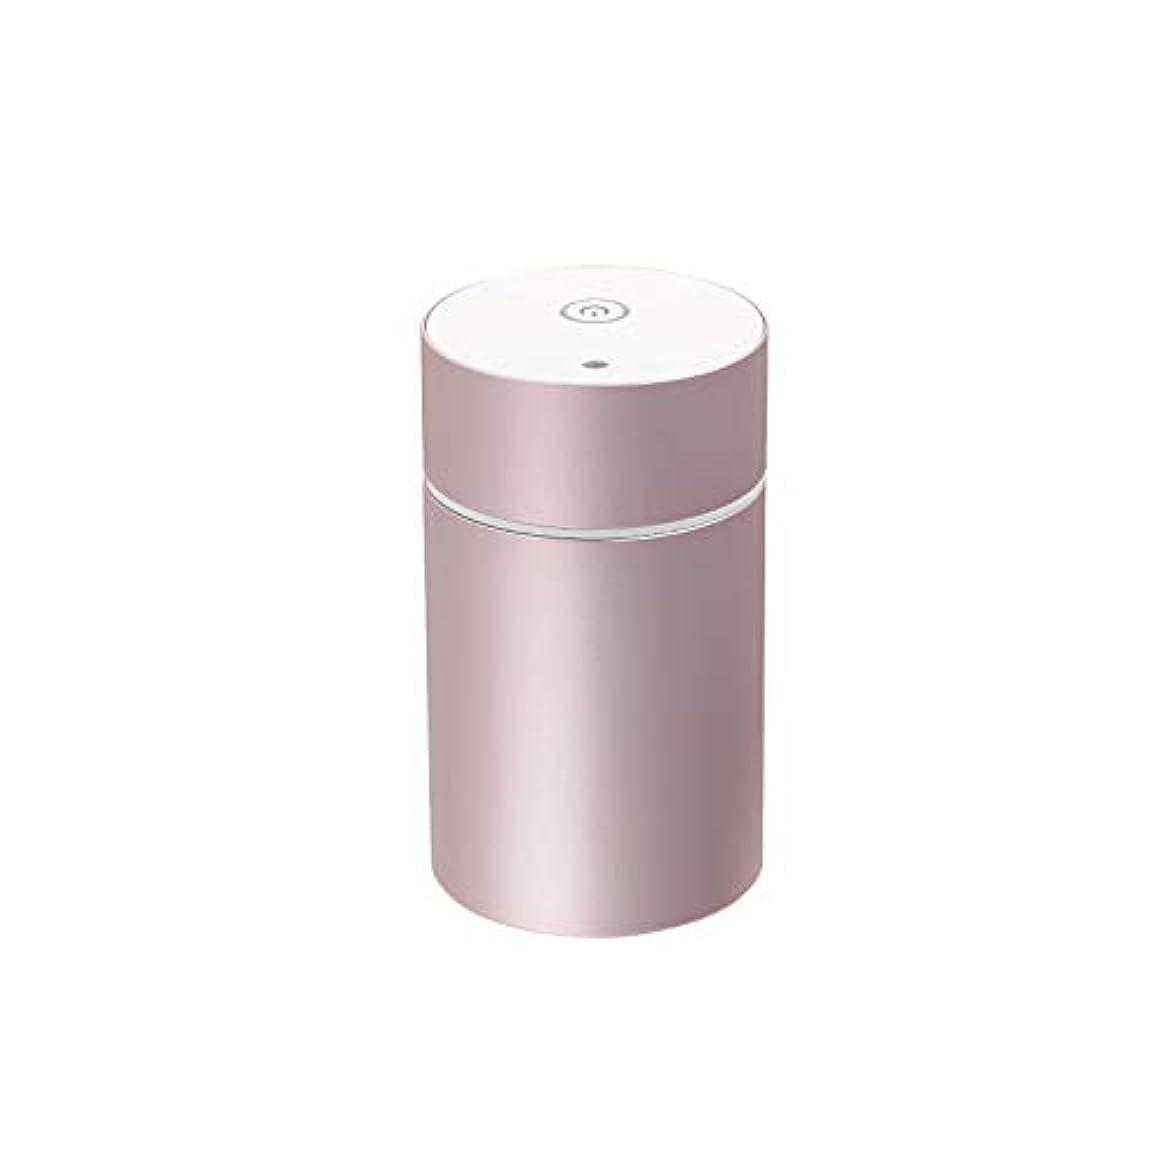 軽食正直連合生活の木 アロマディフューザー(ピンク)aromore mini(アロモアミニ) 08-801-7020